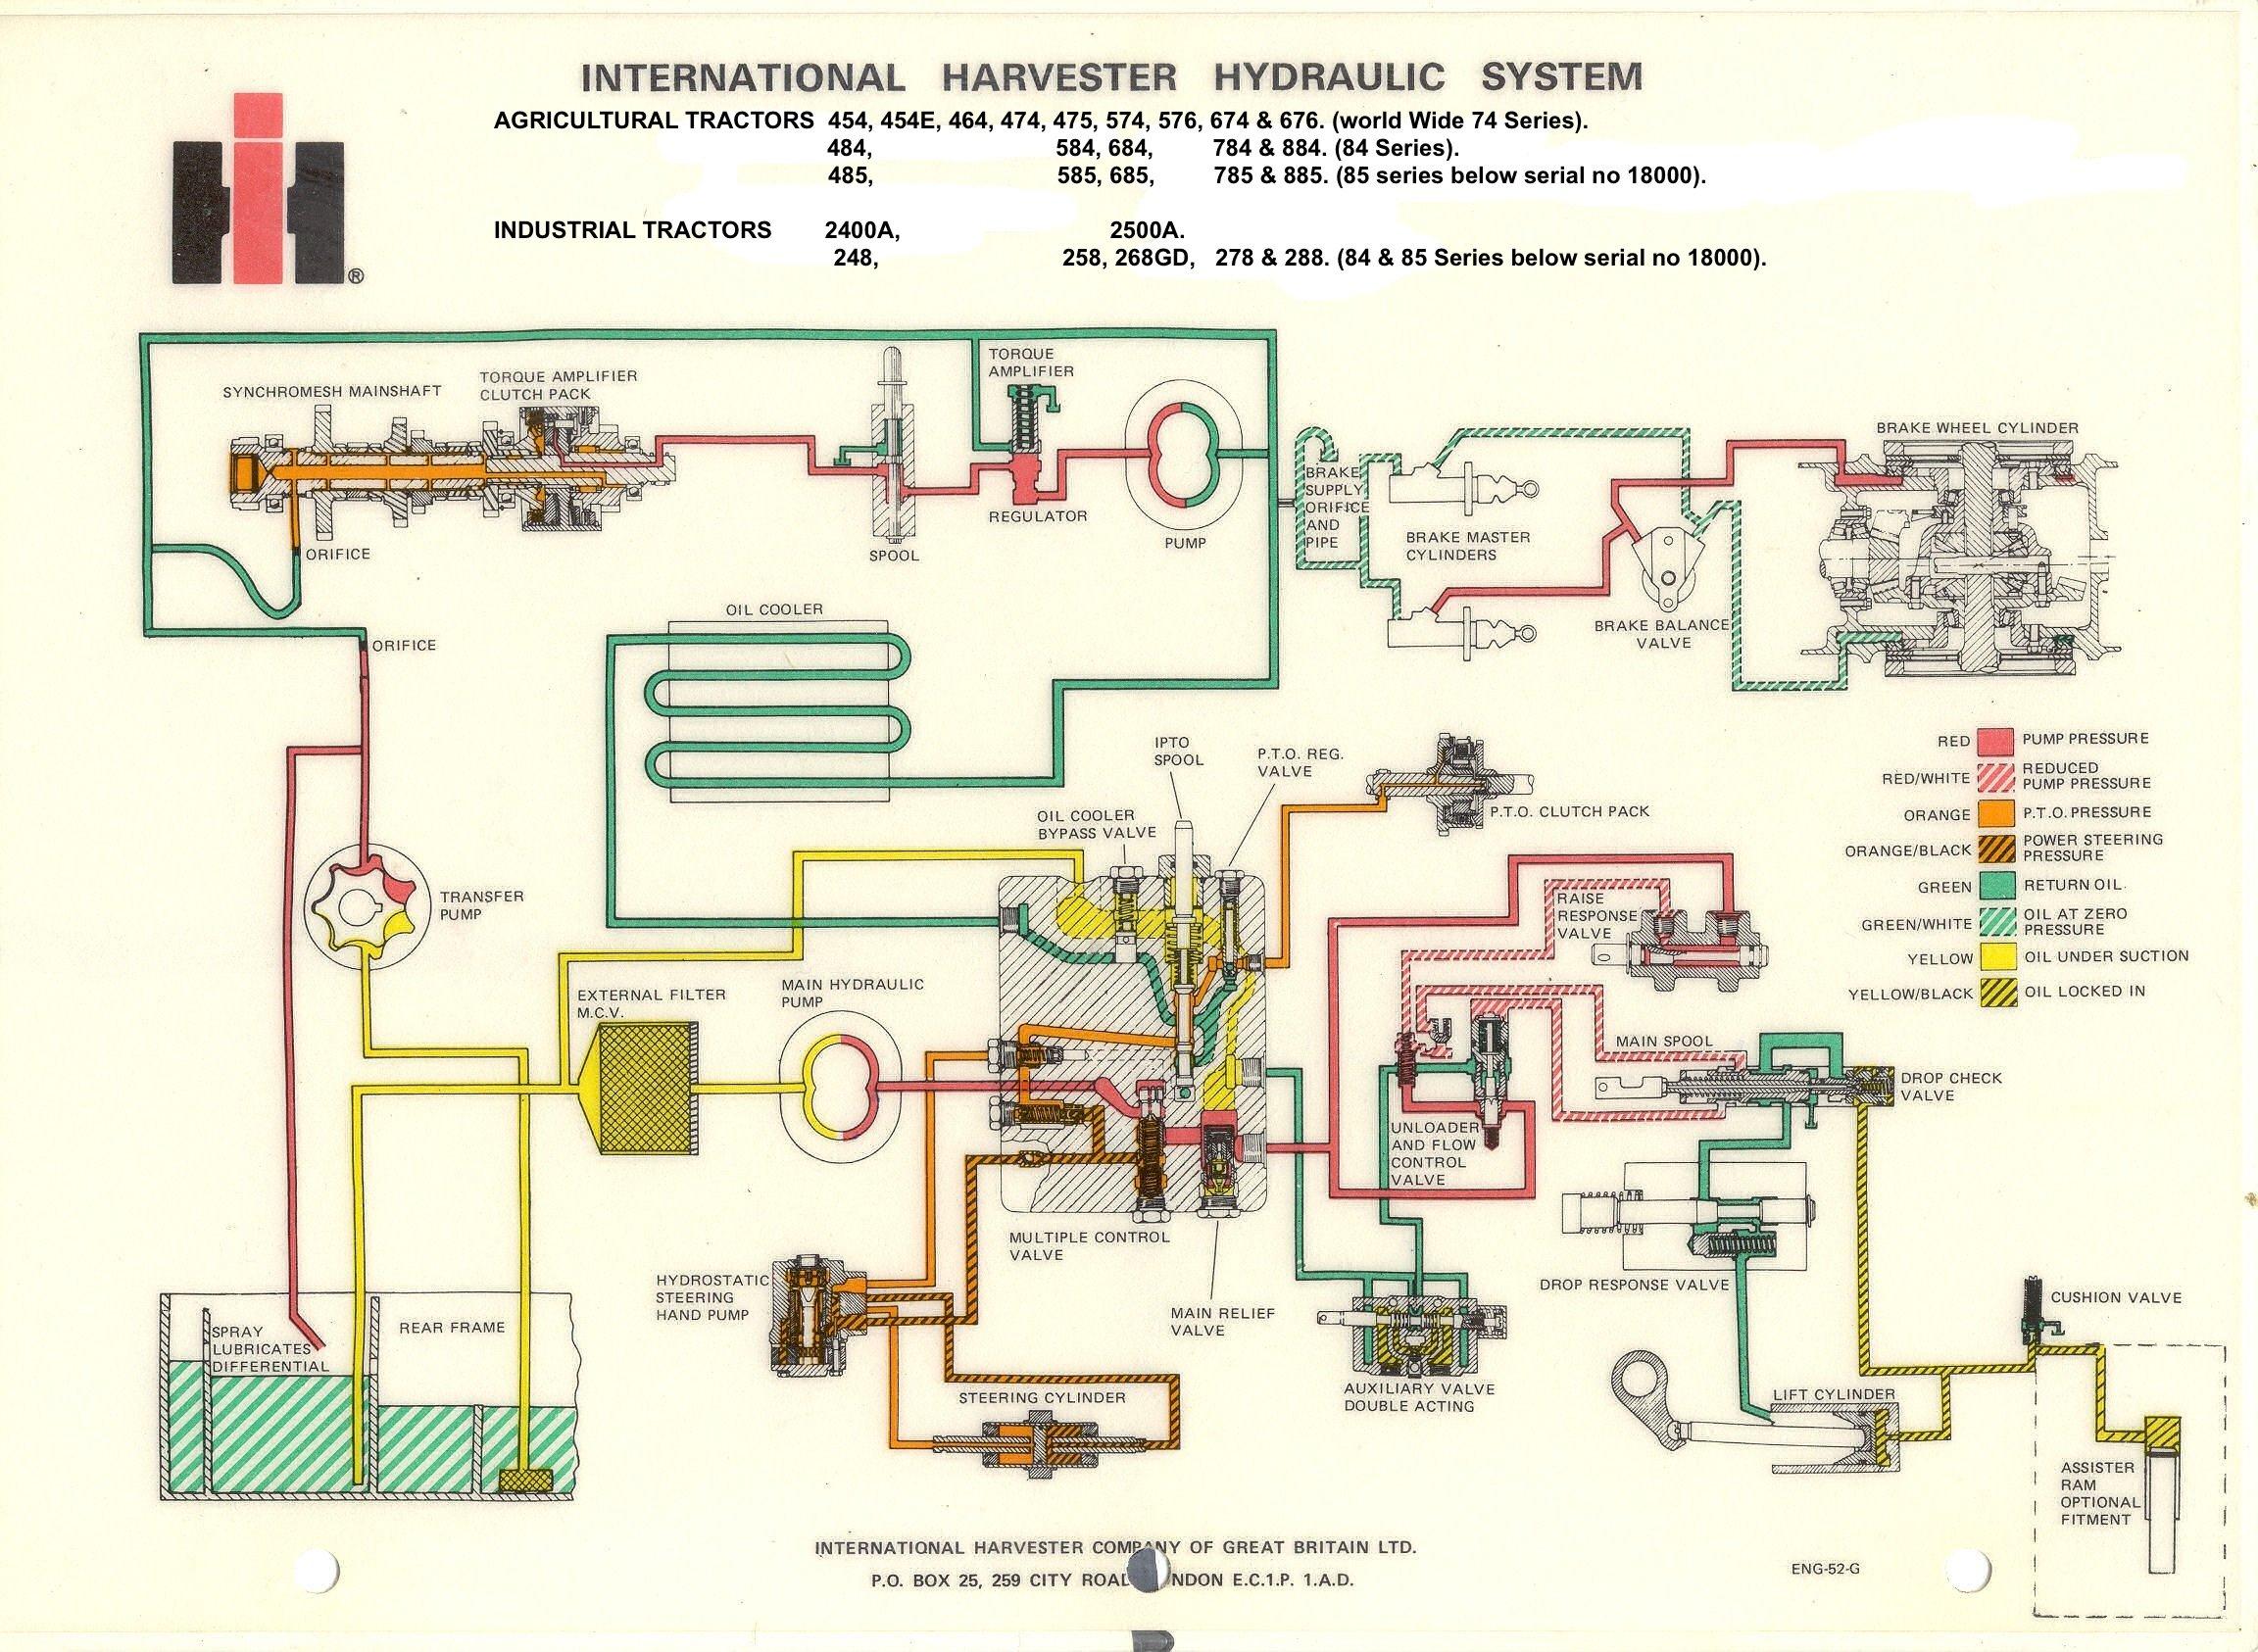 464 international tractor wiring diagram - wiring diagrams attract-metal -  attract-metal.alcuoredeldiabete.it  al cuore del diabete